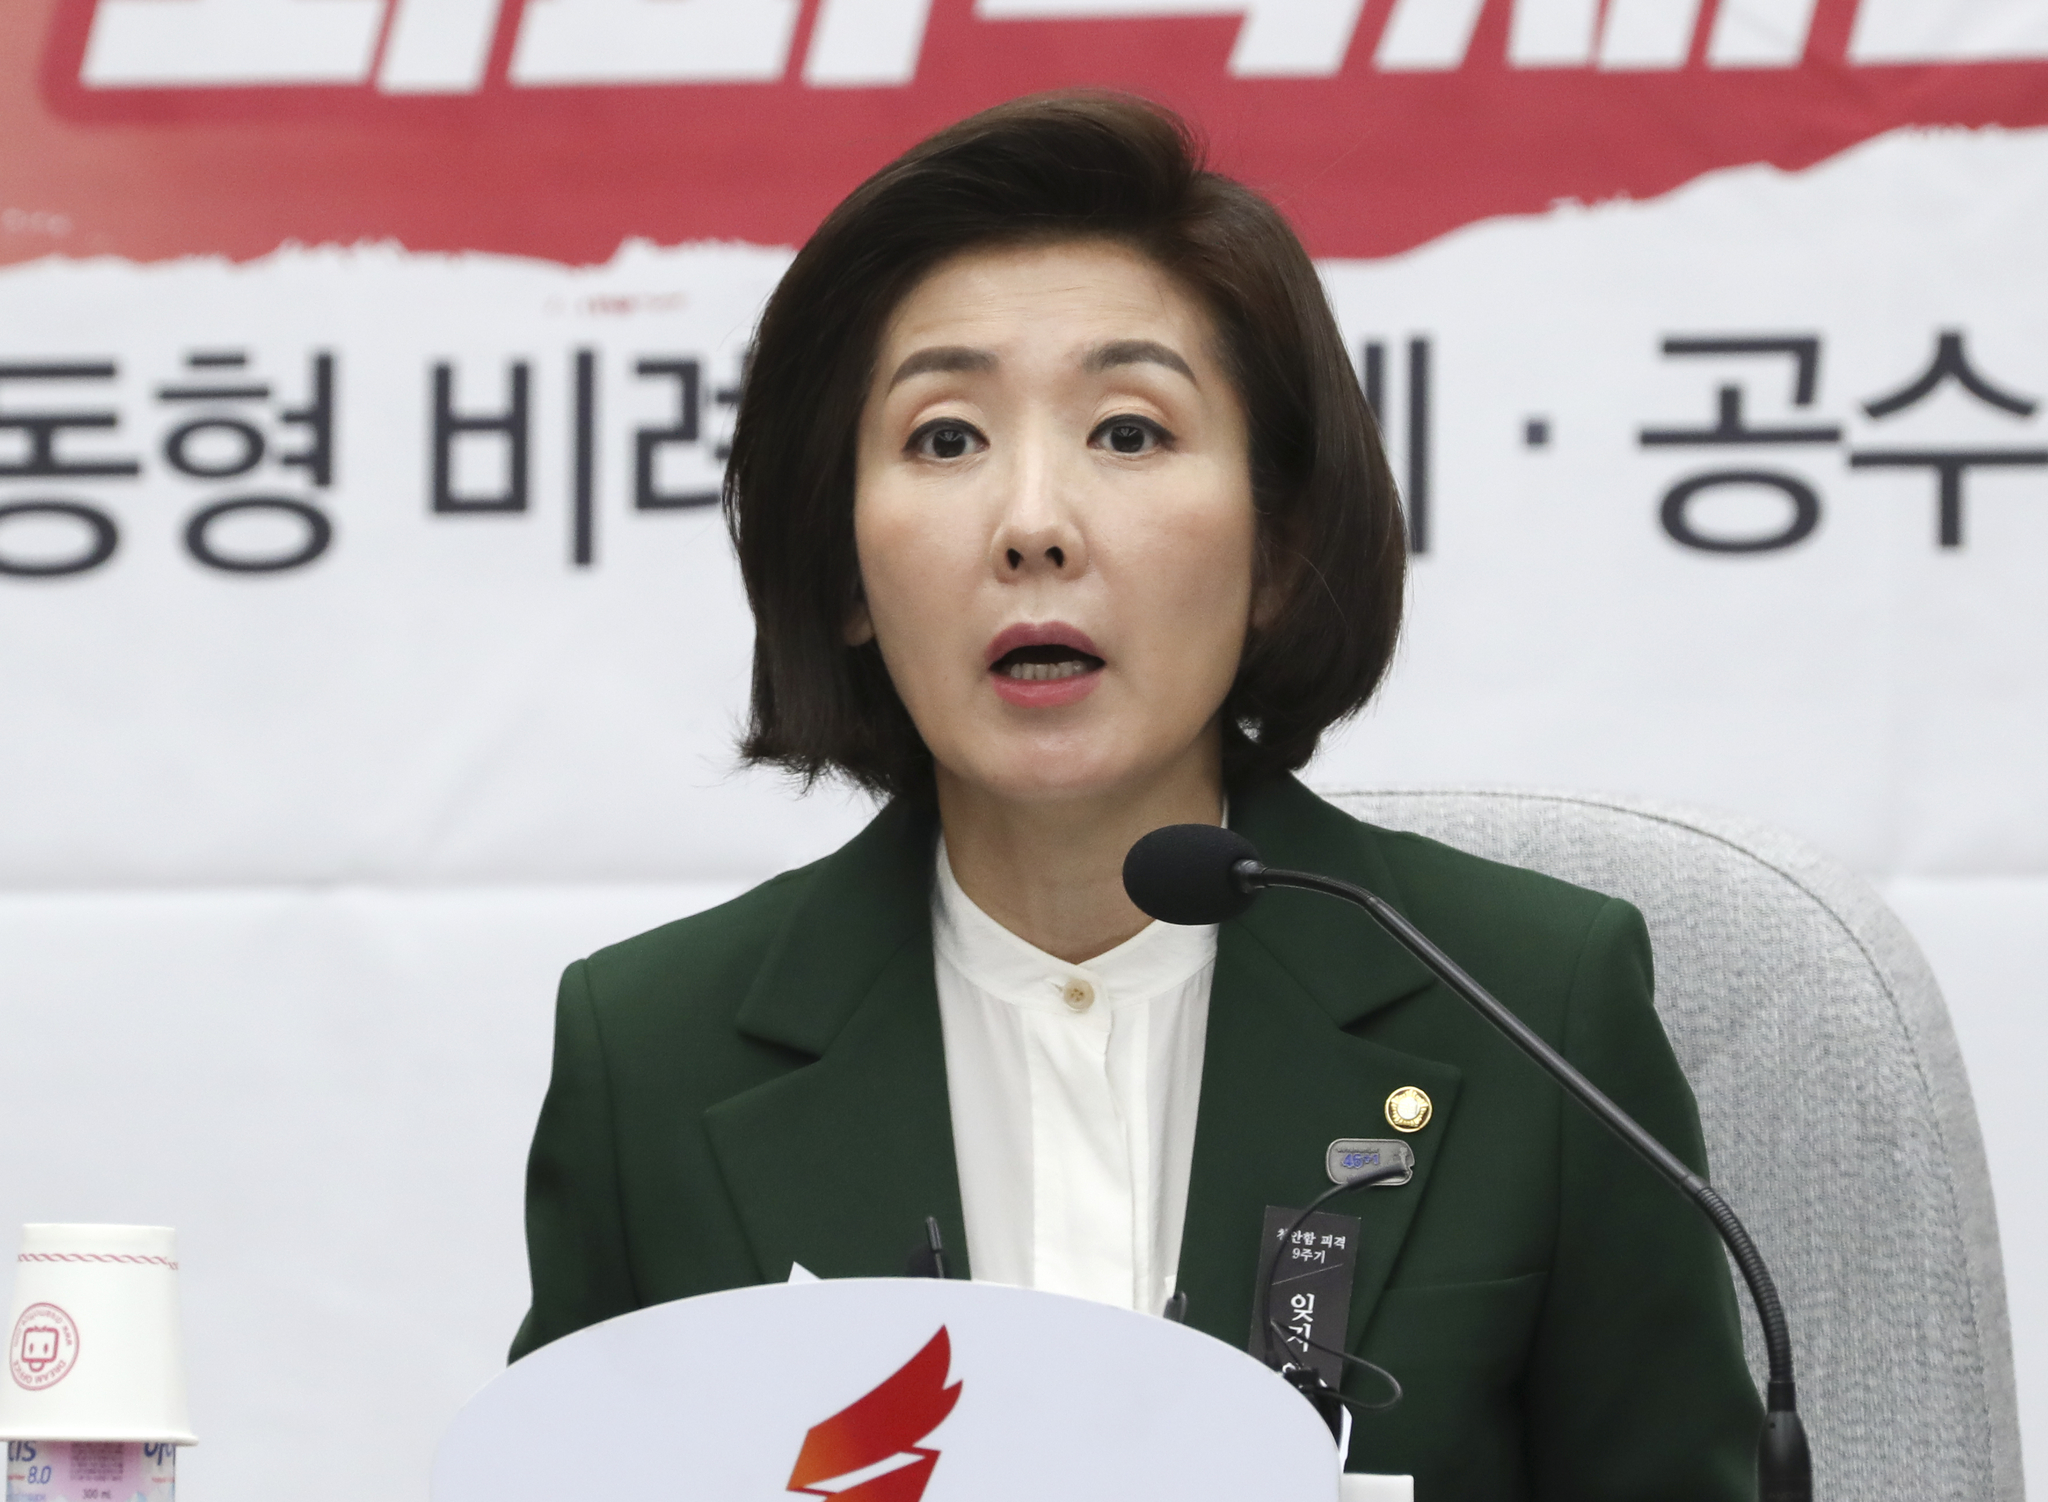 나경원 자유한국당 원내대표가 26일 오전 국회에서 열린 원내대책회의에서 모두발언을 하고 있다. 임현동 기자